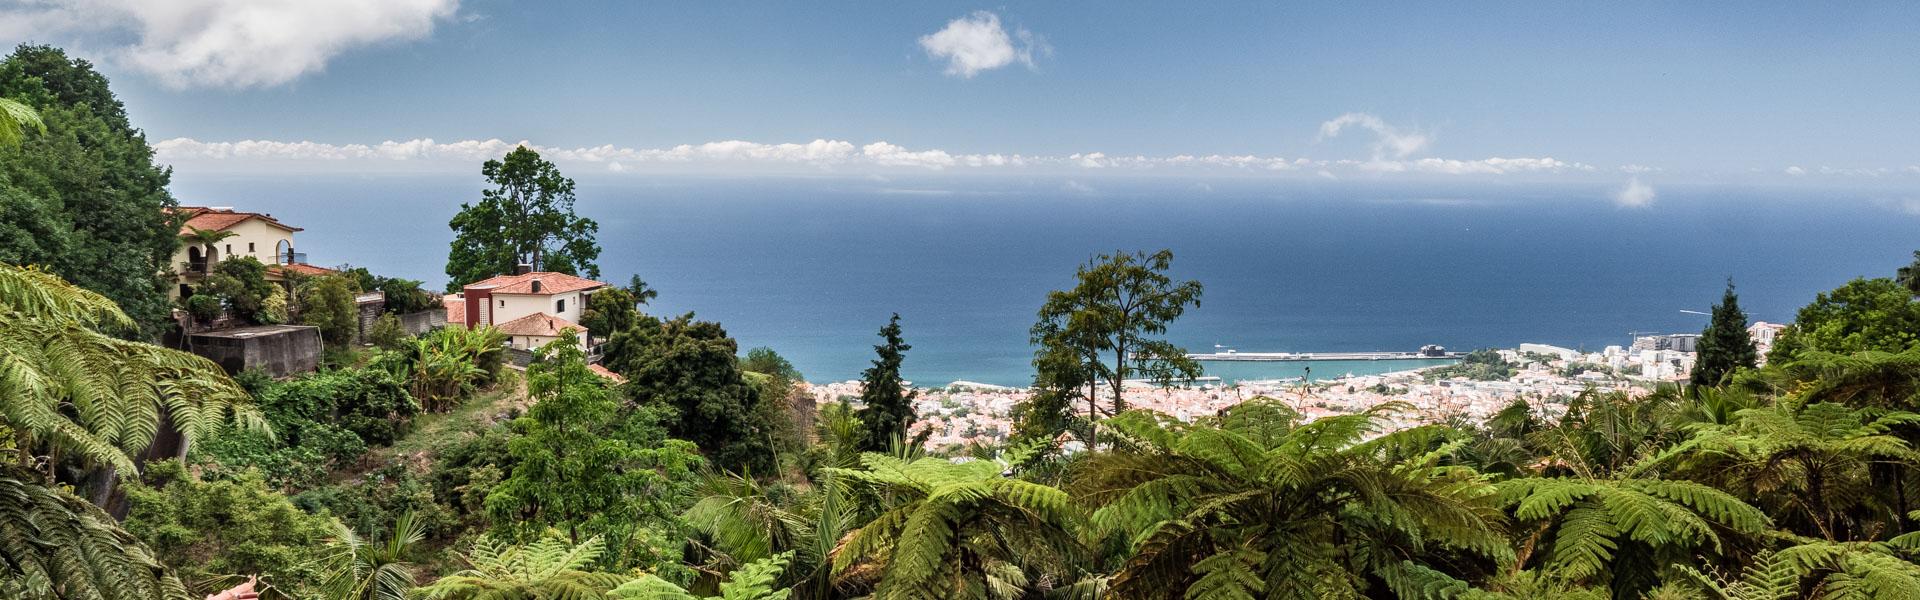 Madera-wypoczynek